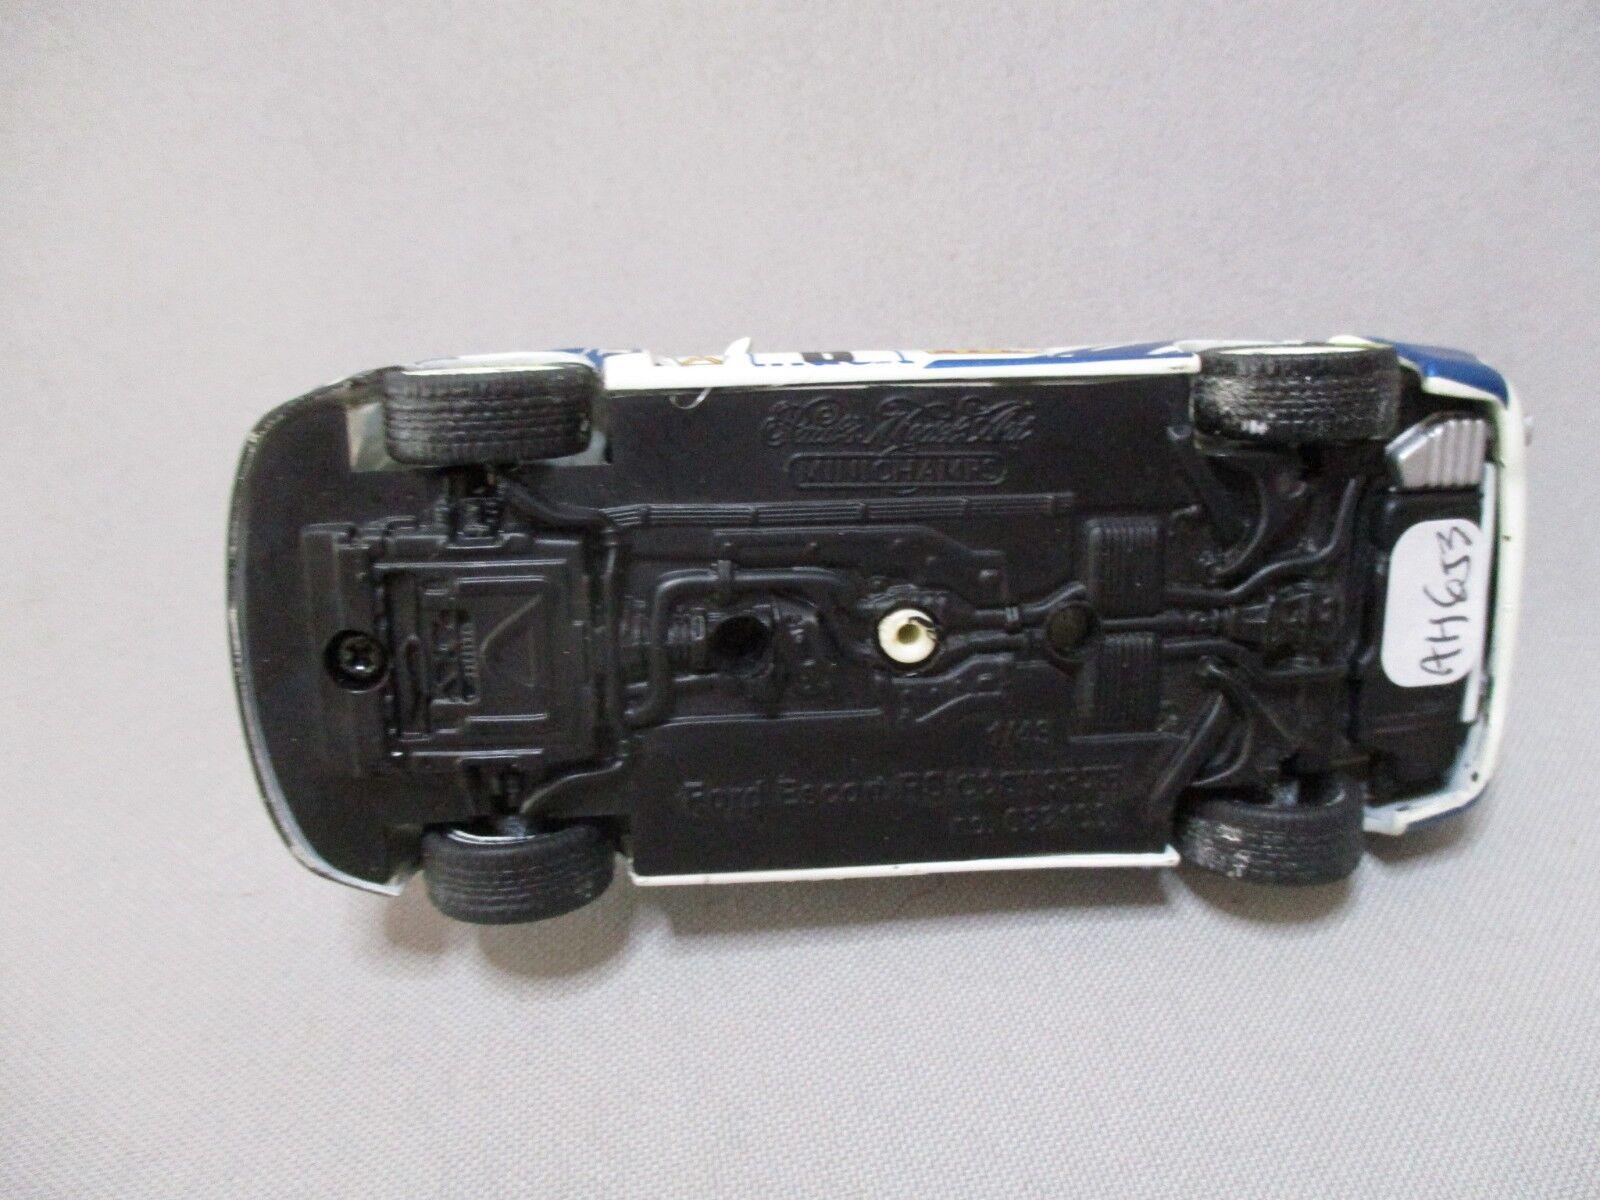 AH653 MINICHAMPS 1 43 FORD ESCORT RS RS RS COSWORTH RALLYE MONTE CARLO 1994 Ref 082100 8fa0e9